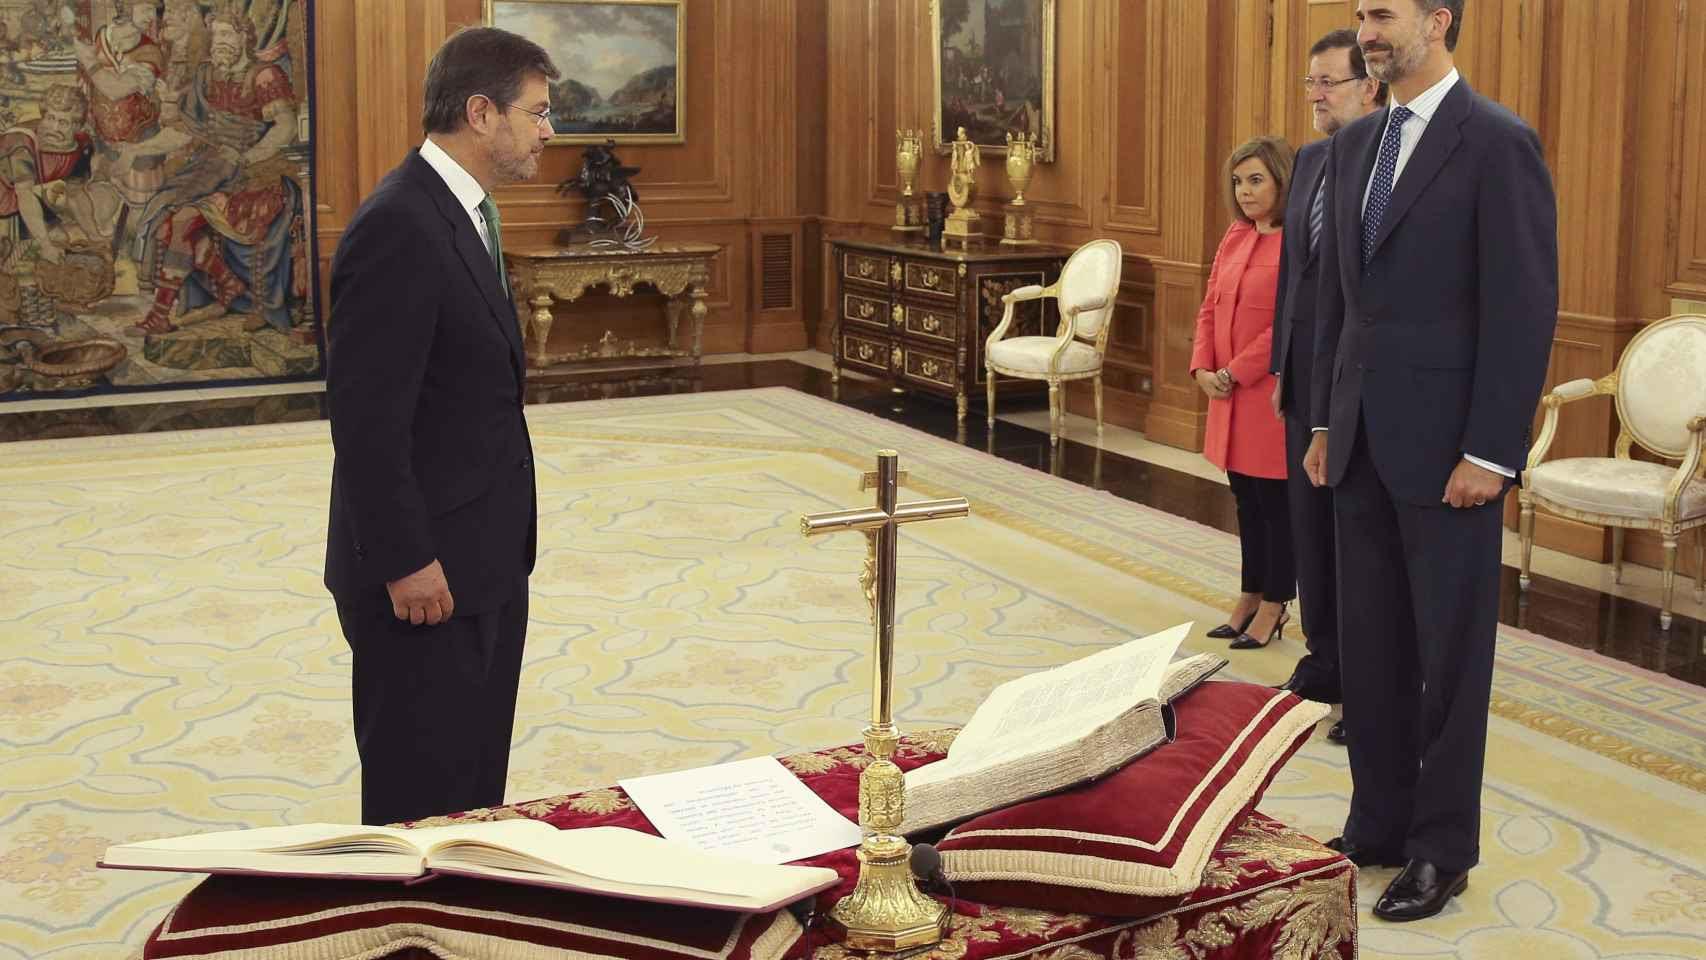 El ministro de Justicia jura su cargo en septiembre de 2014 ante el rey Felipe.